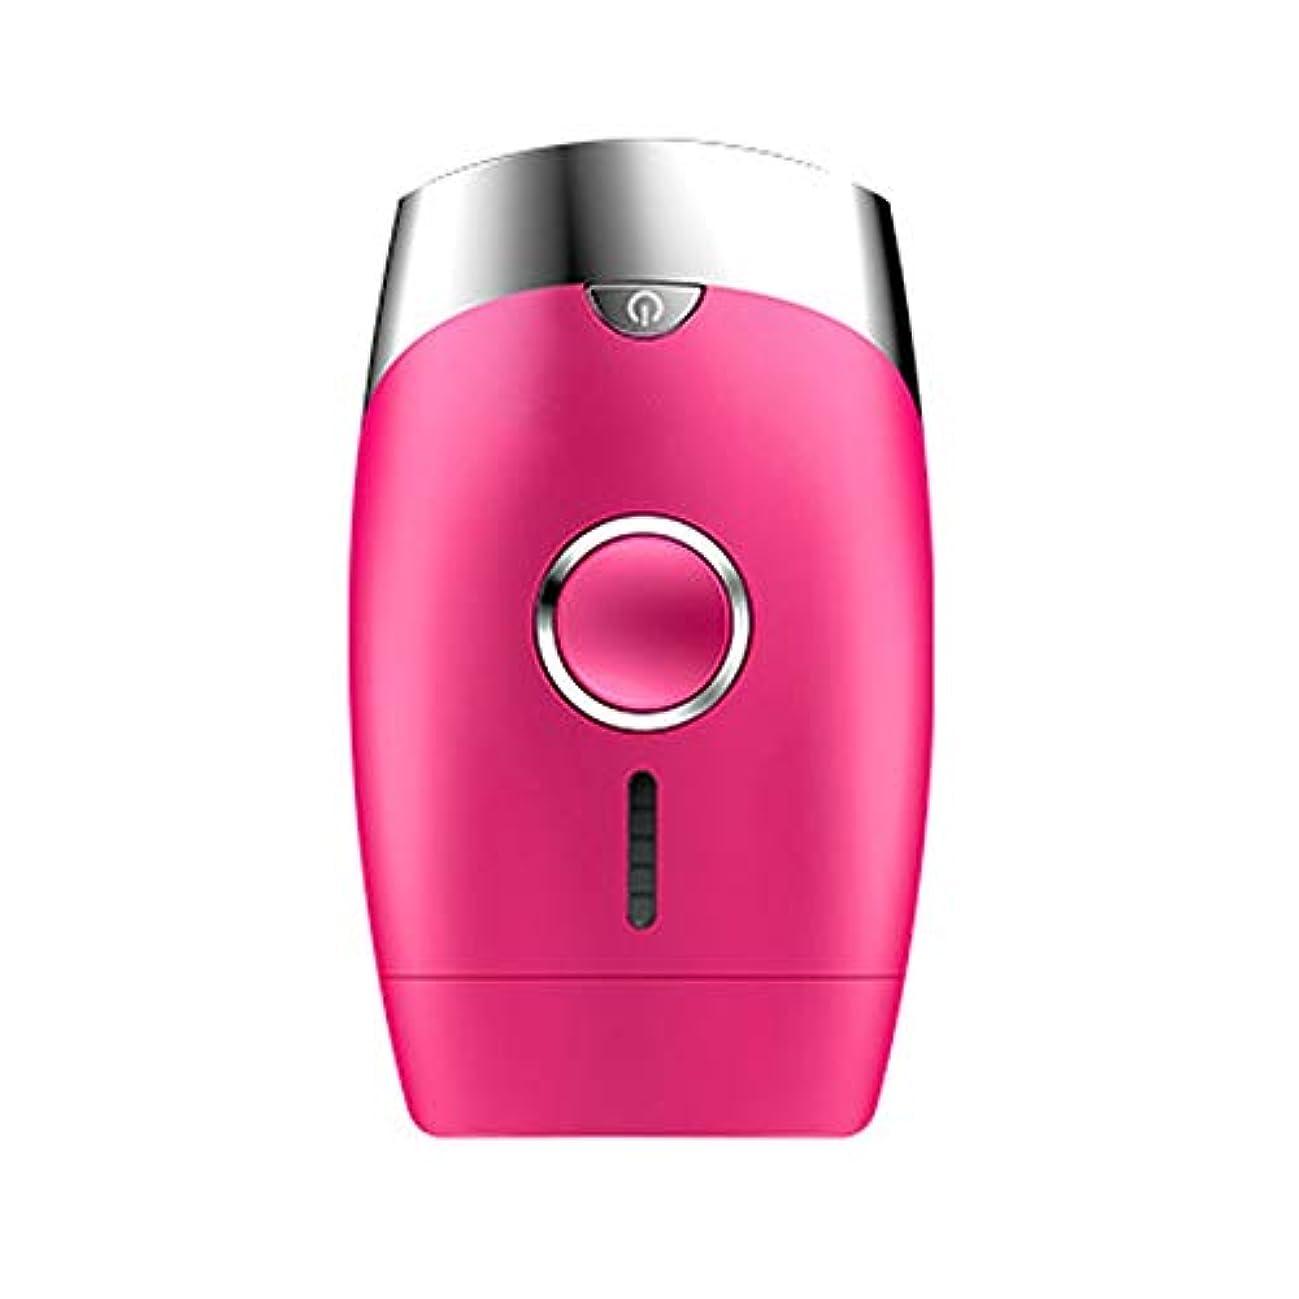 たとえ石のシールドピンク、5スピード調整、インテリジェント家庭用痛みのない凝固点ヘアリムーバー、シングルフラッシュ/連続フラッシュ、サイズ13.9 X 8.3 X 4.8 Cm 安全性 (Color : Pink)